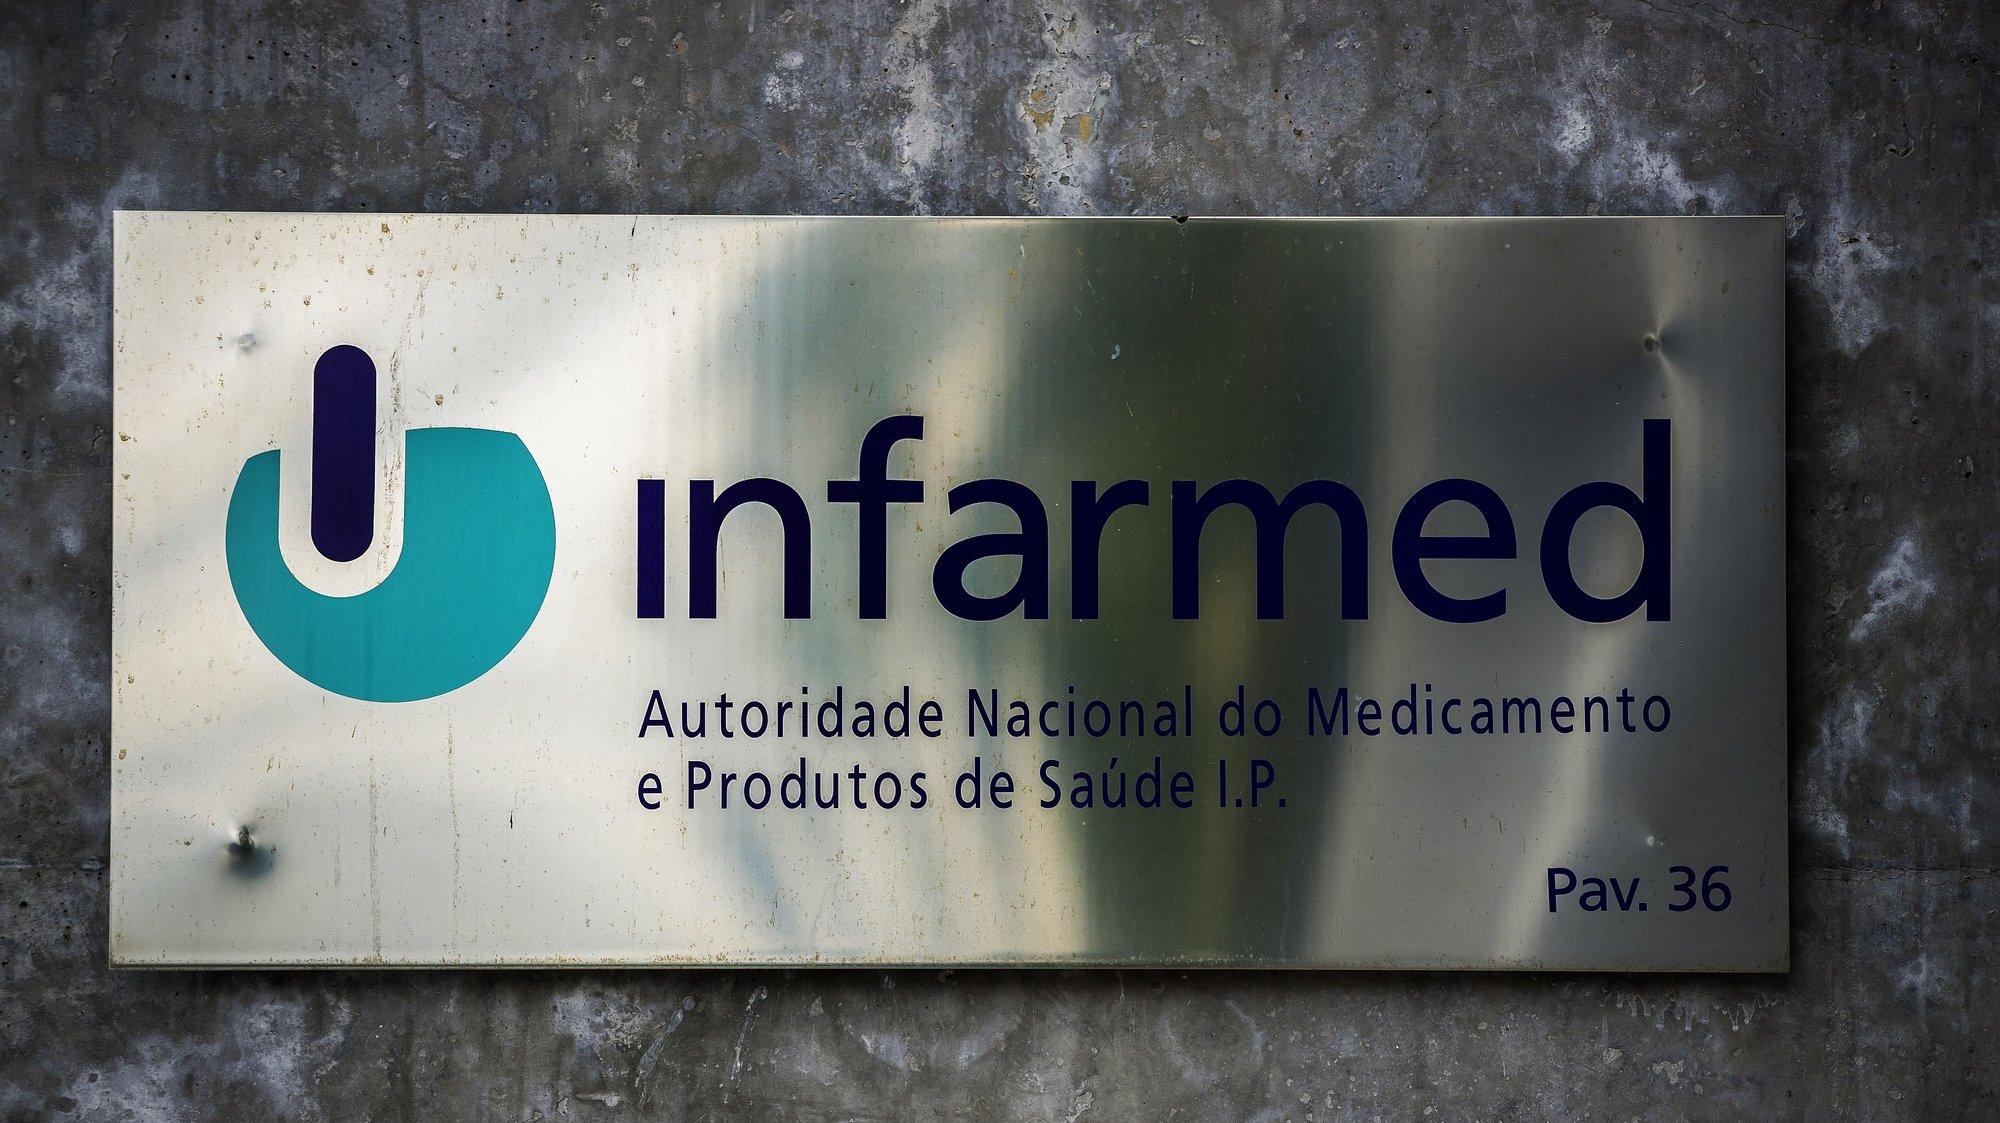 Placa do Infarmed – Autoridade Nacional do Medicamento e Produtos de Saúde, I.P., na sede do Infarmed, em Lisboa, 22 de fevereiro de 2021. JOSÉ SENA GOULÃO/LUSA